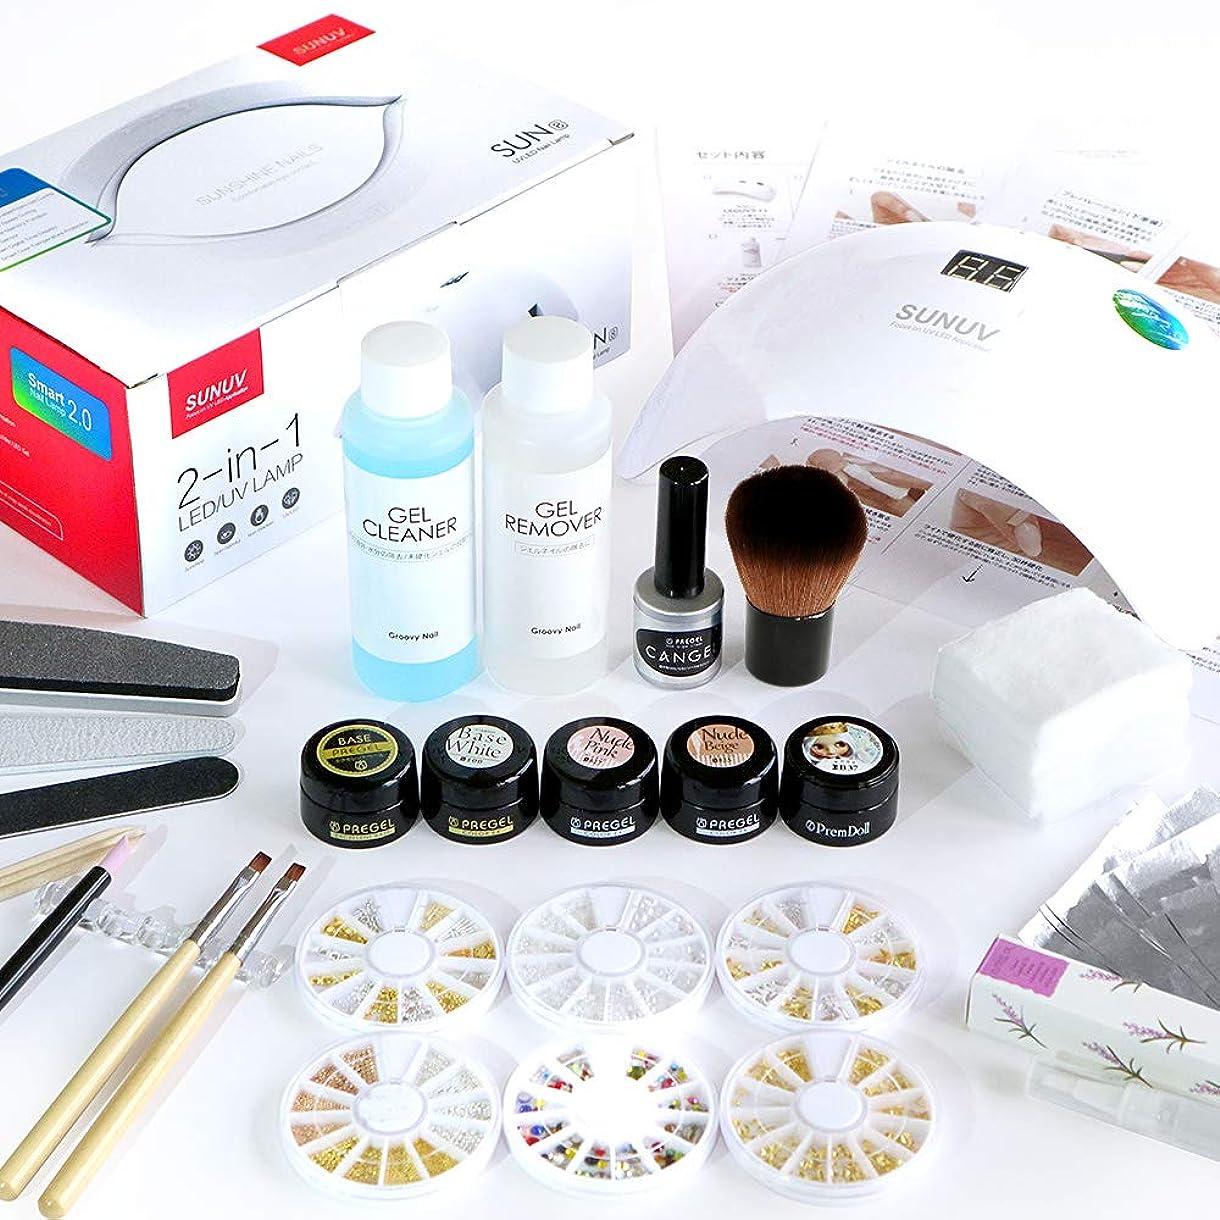 襲撃可能性小屋PREGEL プリジェル ジェルネイル スターターキット 日本製カラージェル4色+LEDライト48W ネイルアート 初心者におすすめ